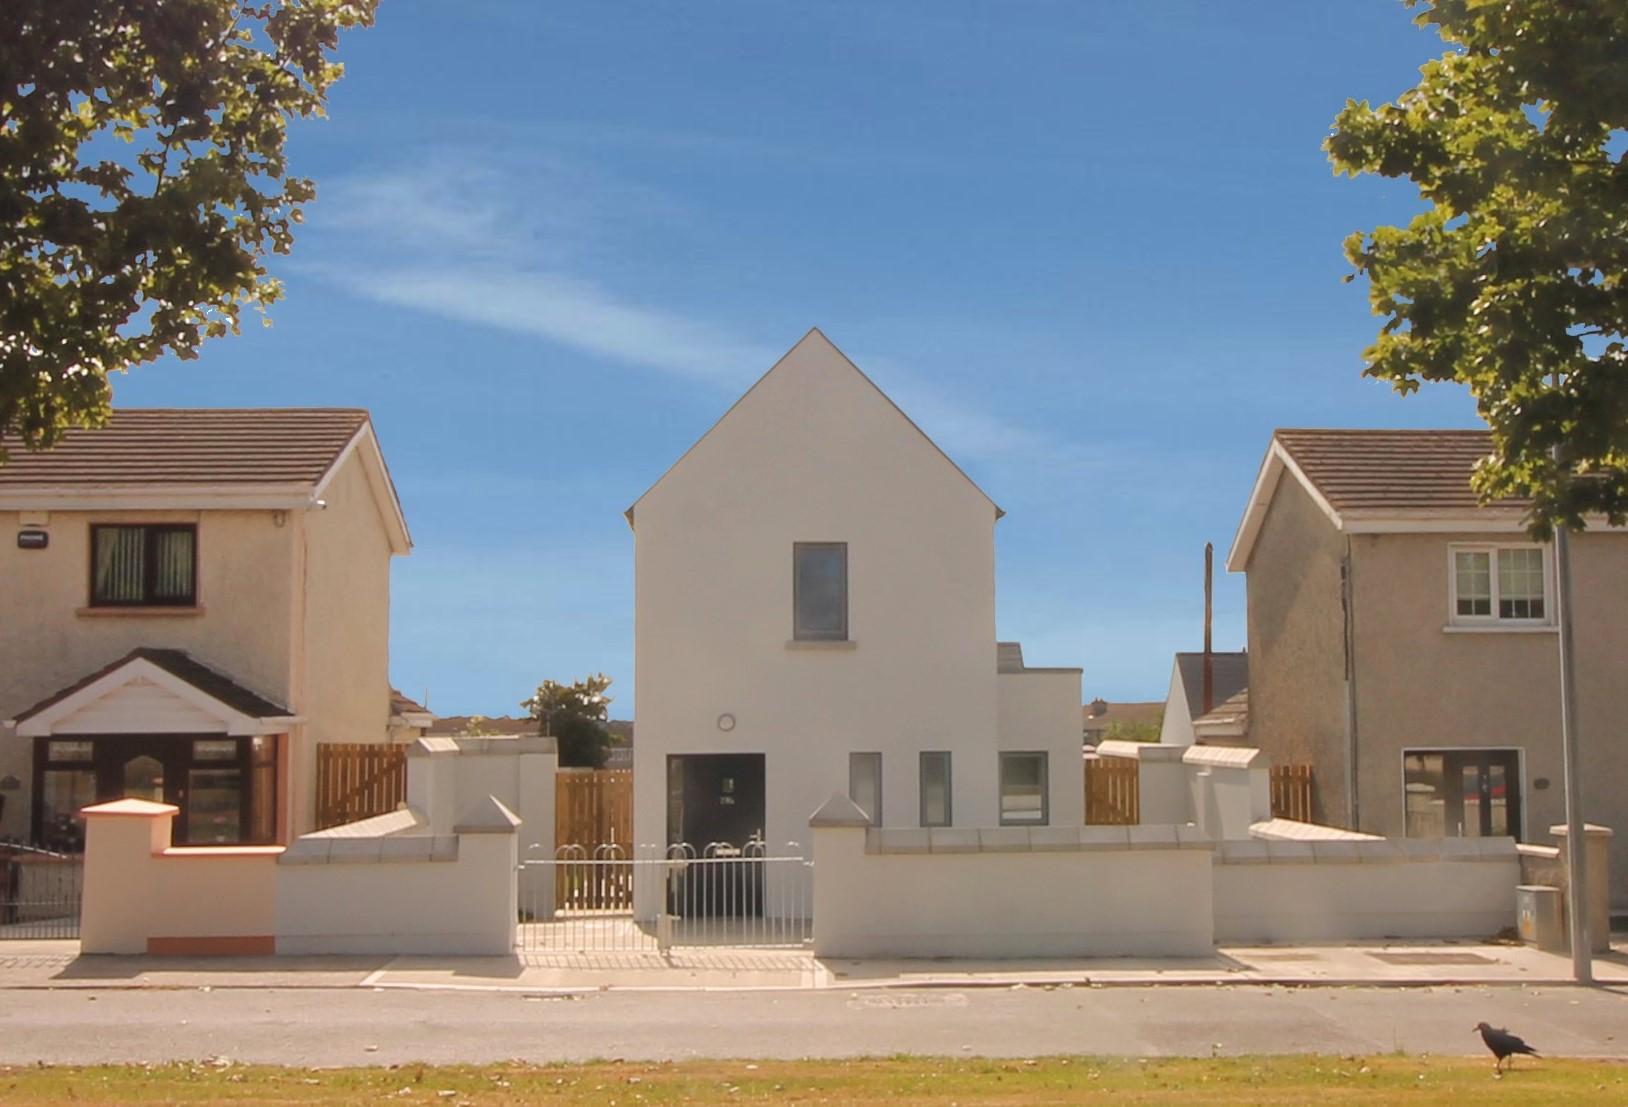 Public housing architecture